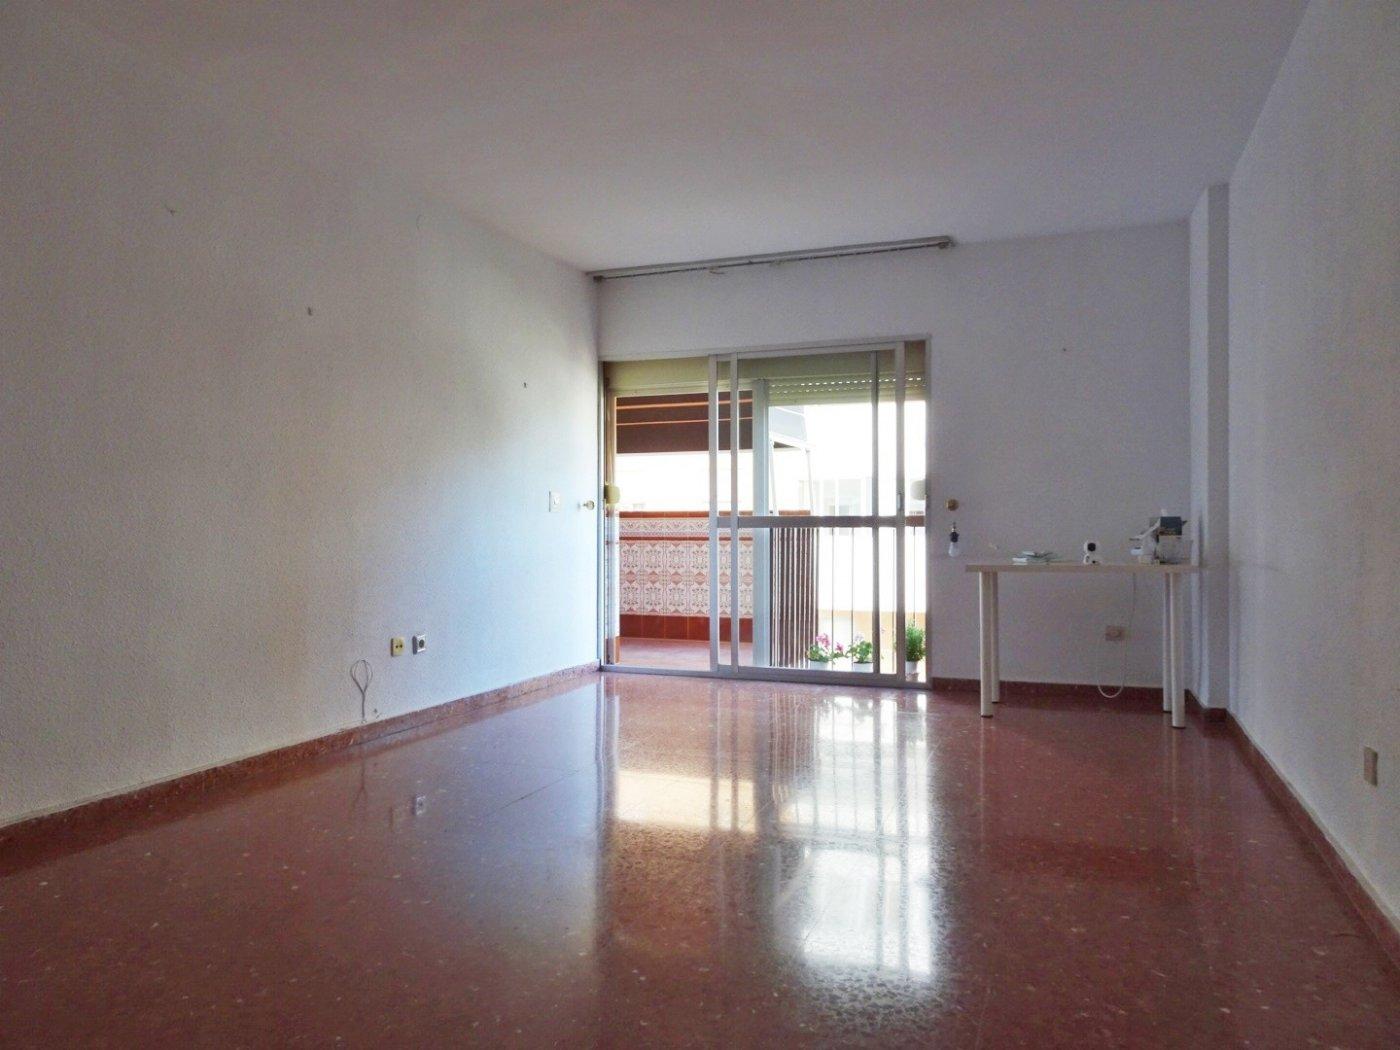 piso en malaga · cruz-de-humilladero-los-tilos 800€